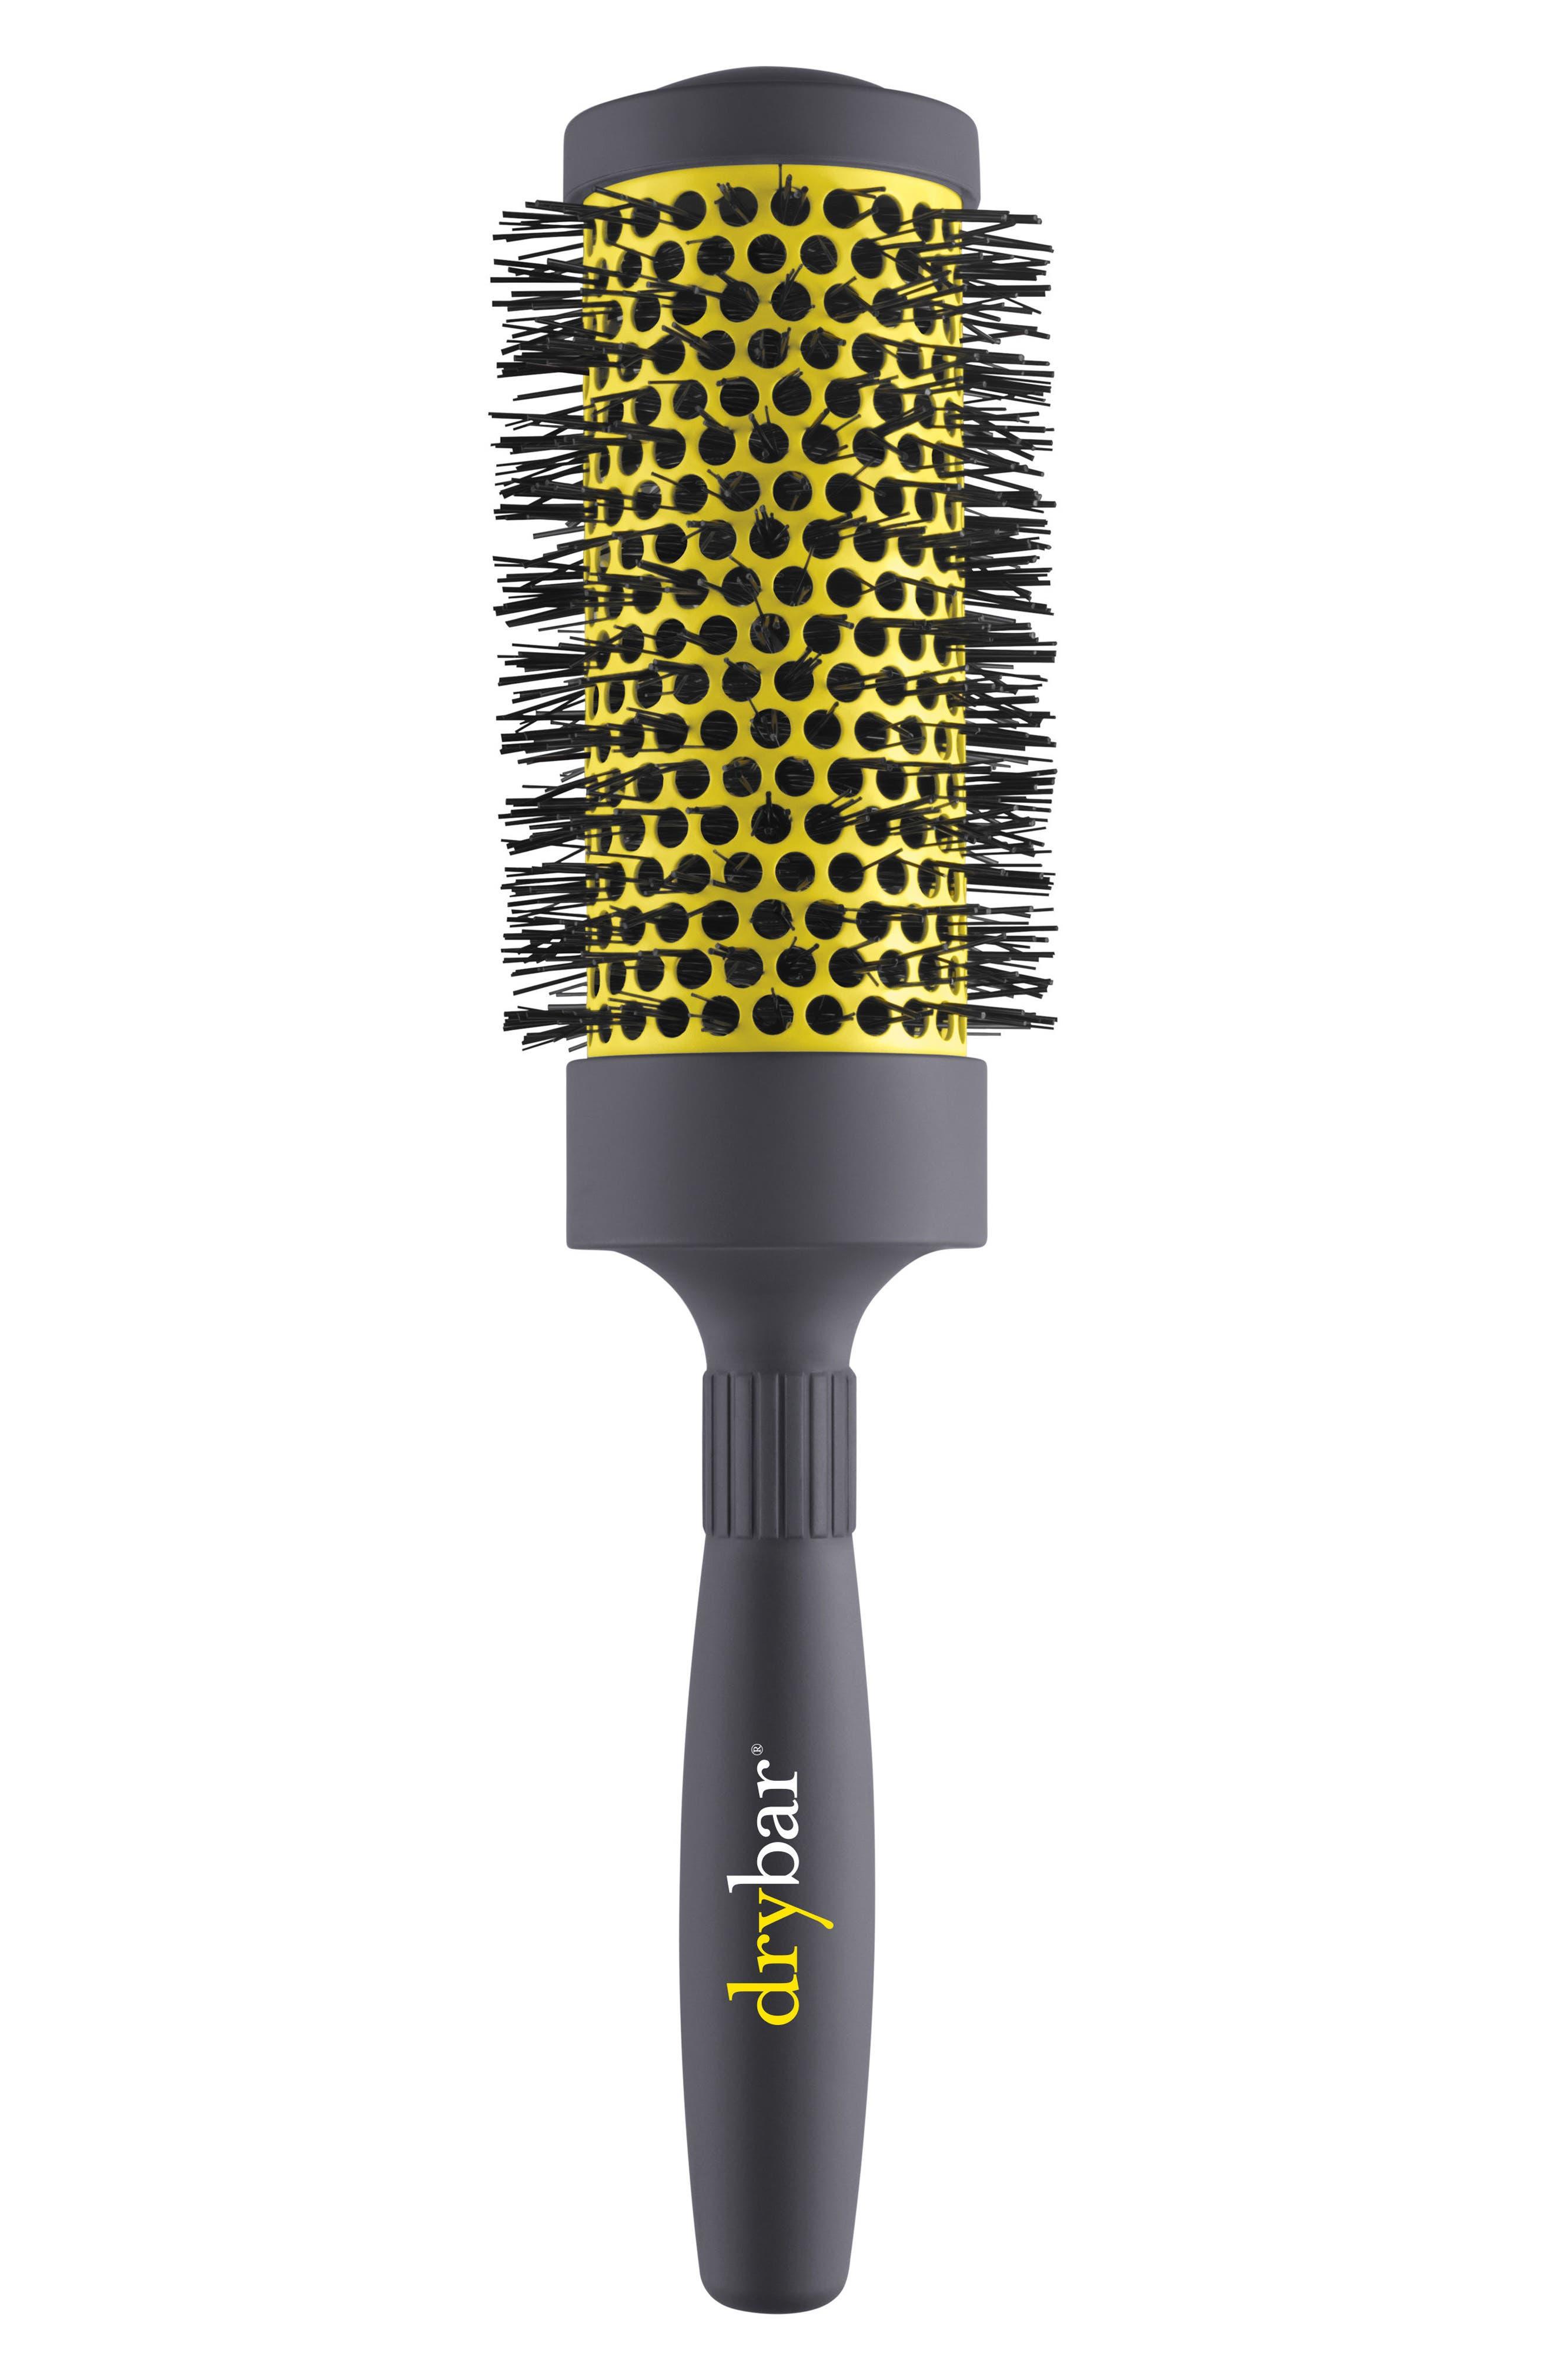 Image of DRYBAR Full Pint Round Brush